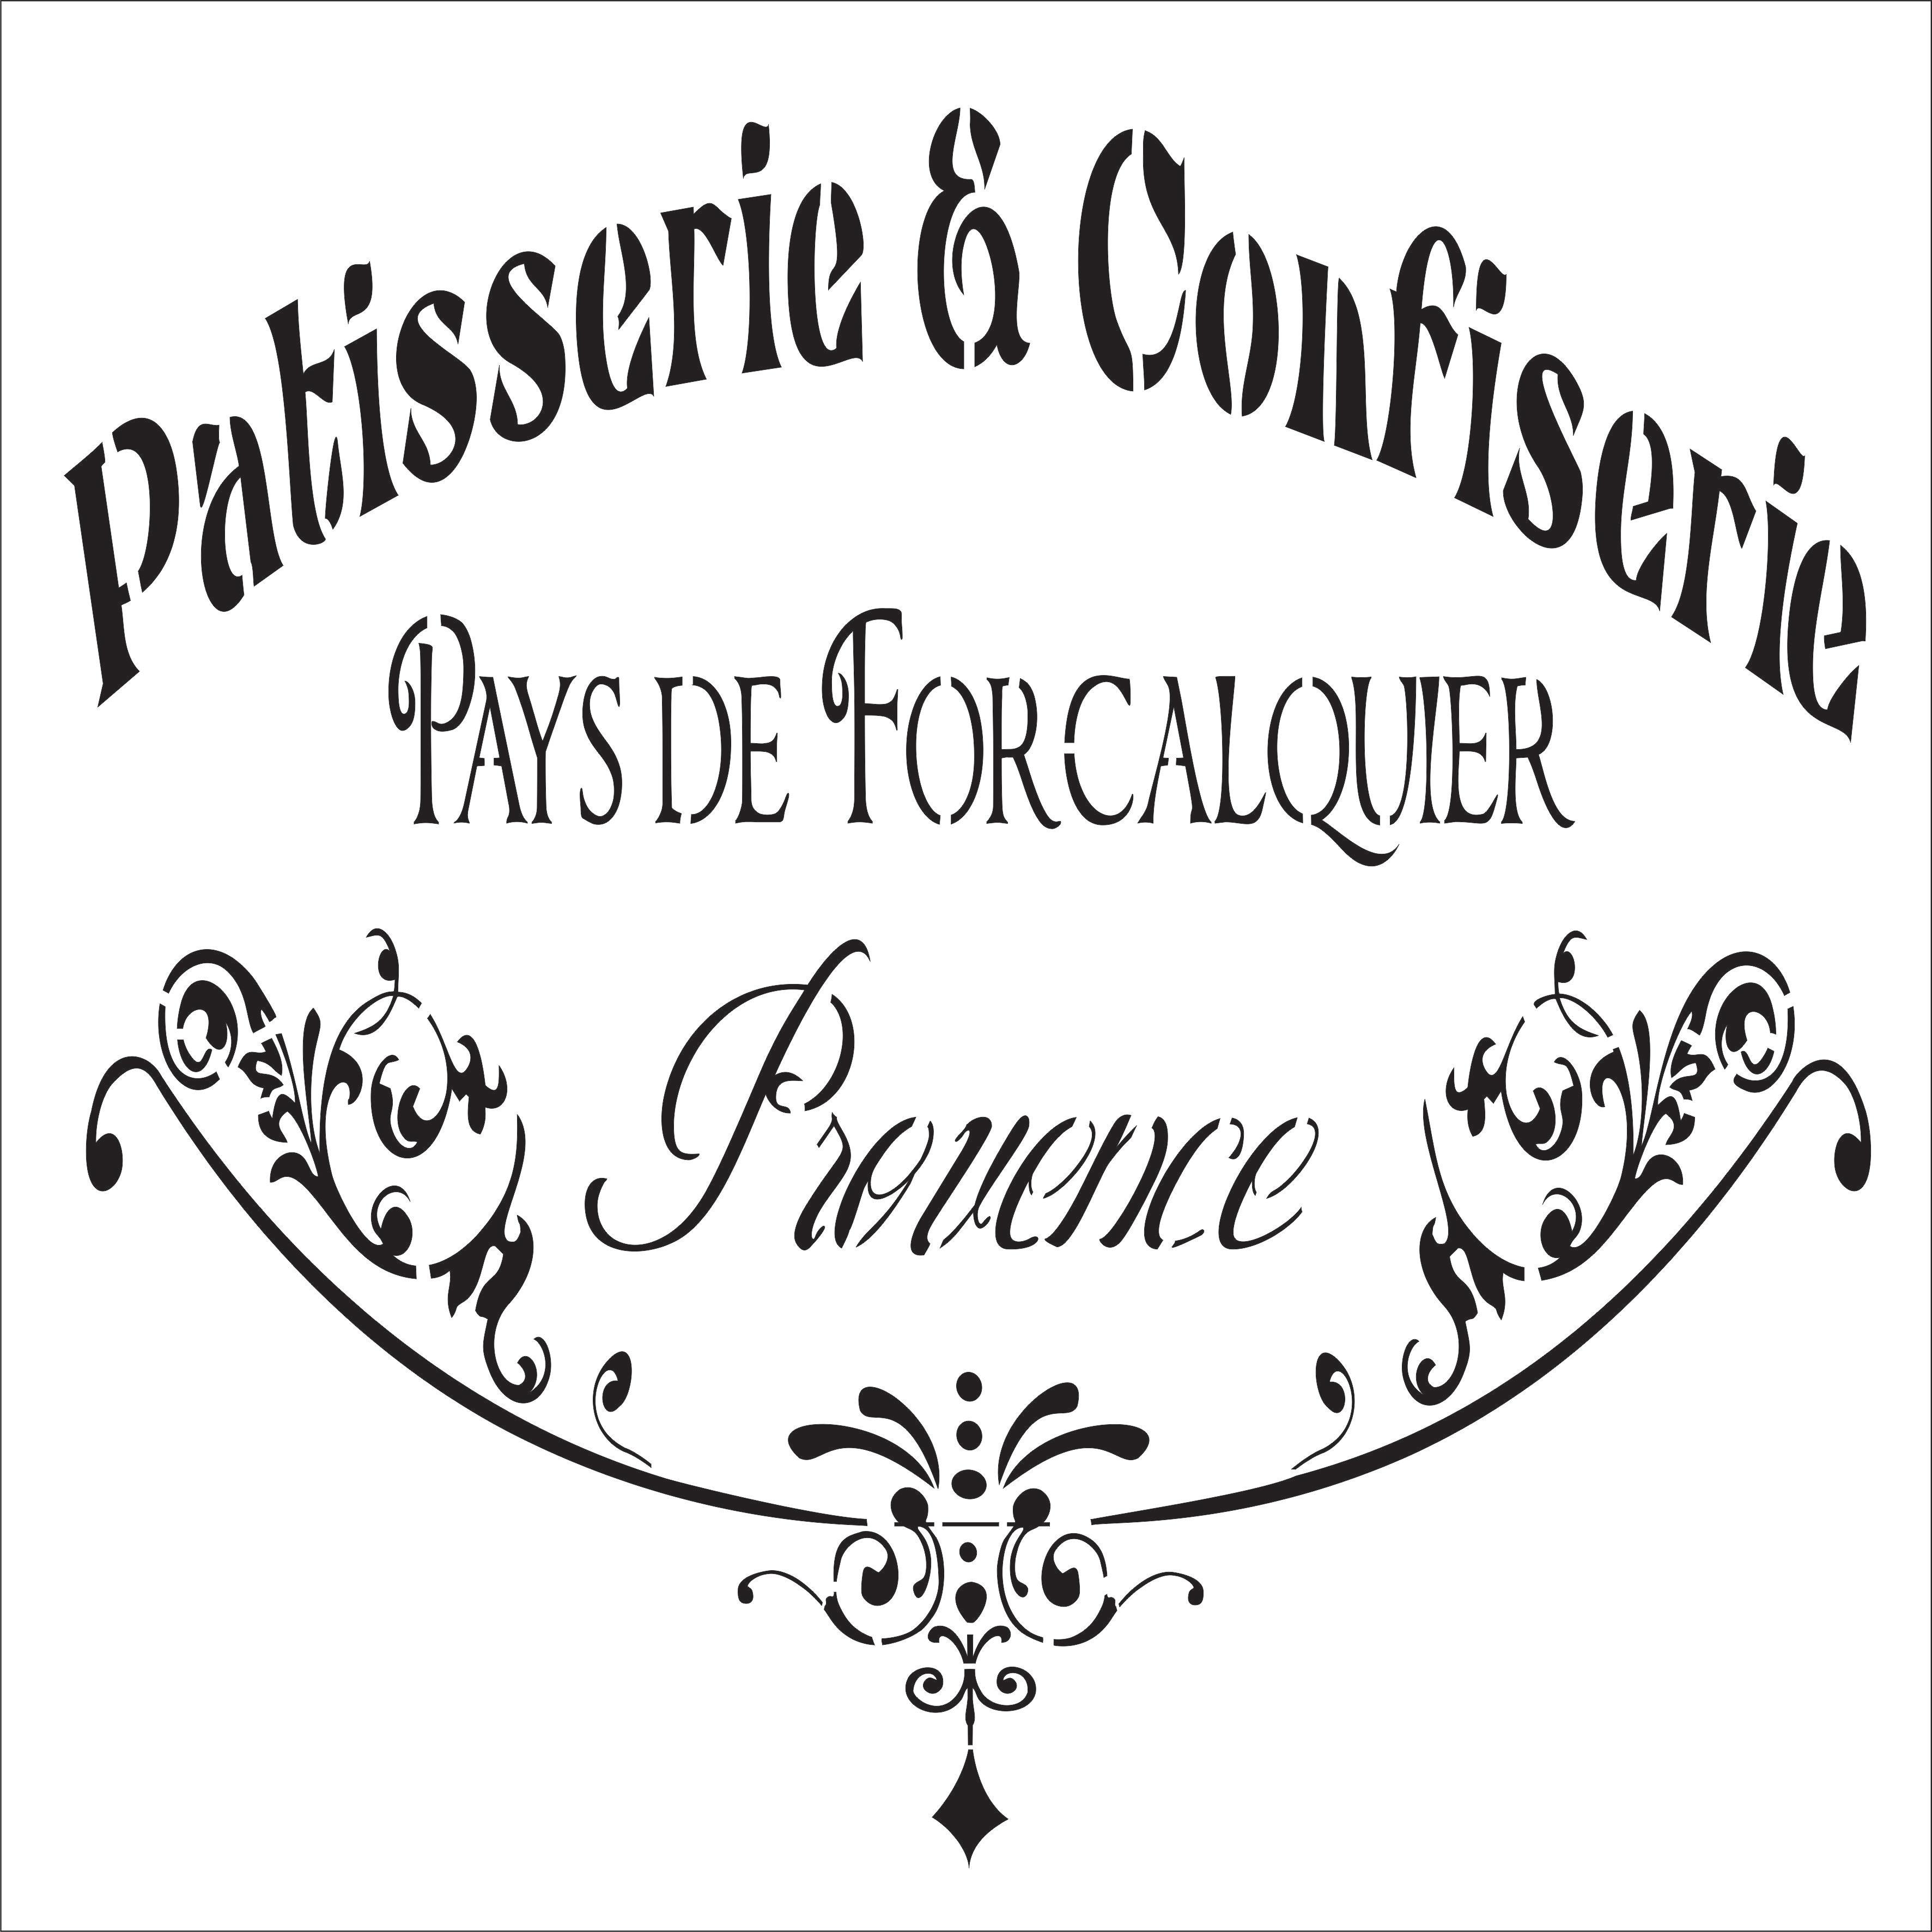 PATESIRRI & CONFISERIE